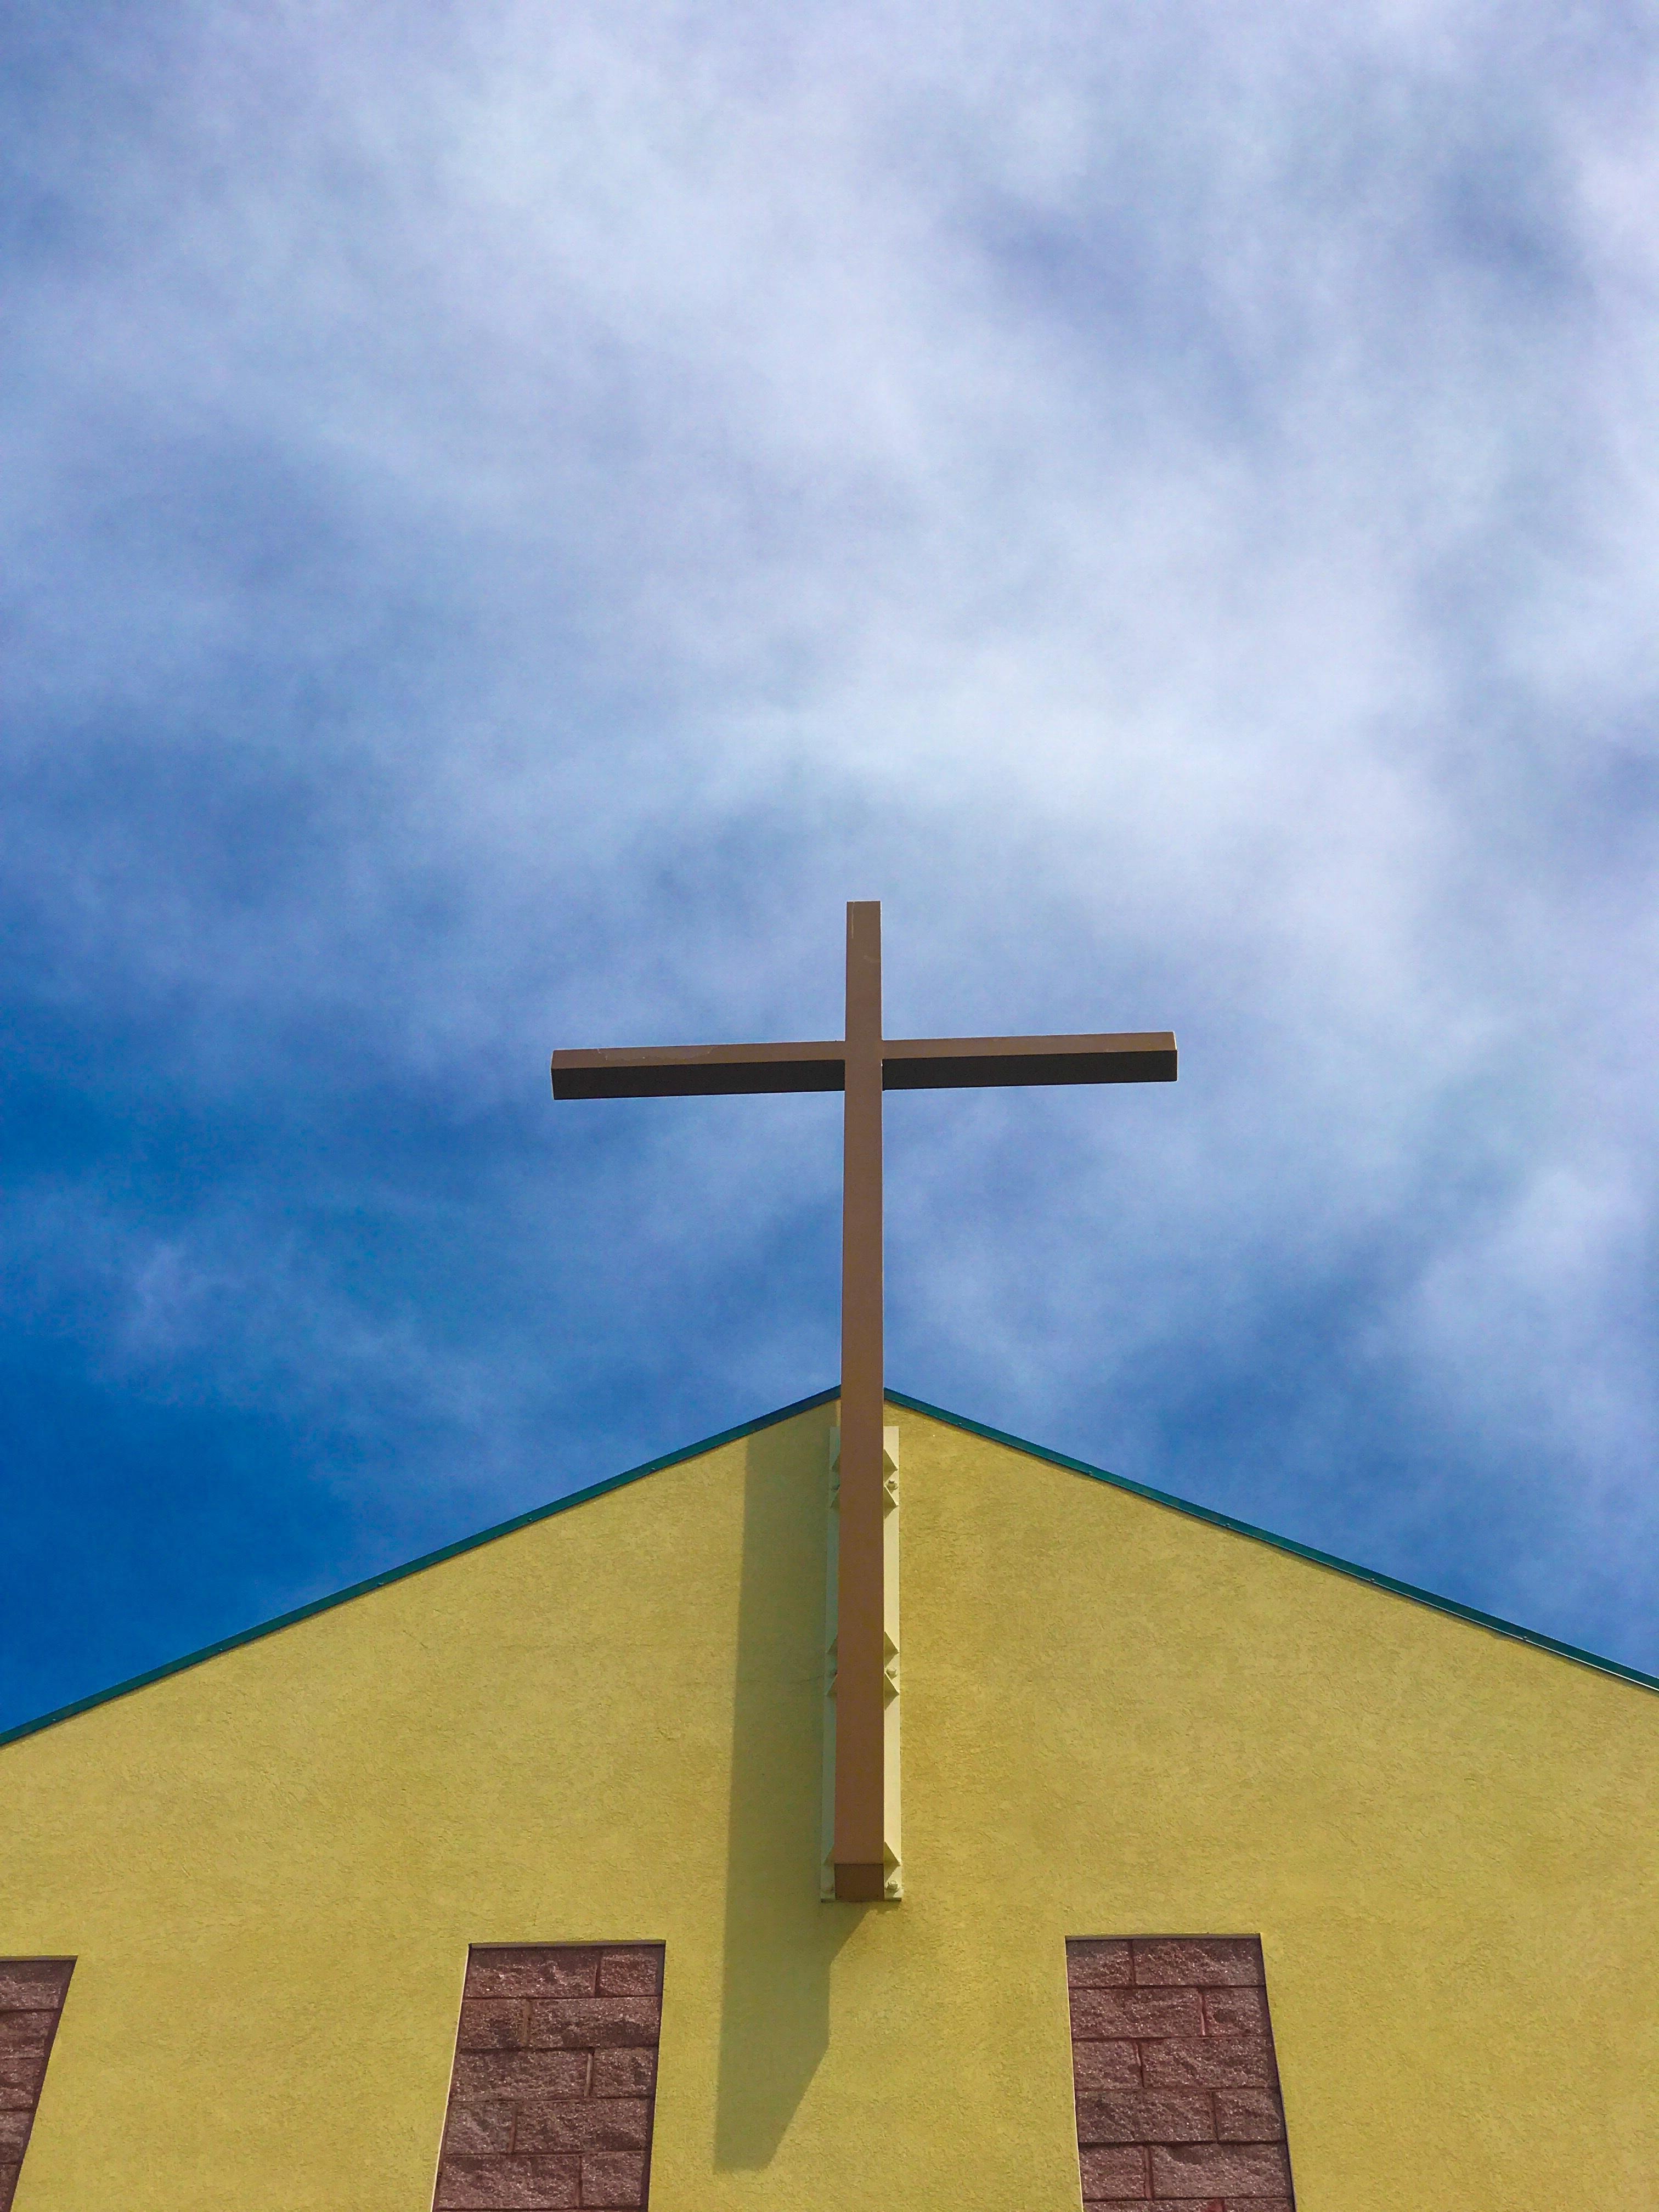 Images Gratuites Ciel Amour Paradis Symbole Religion Bleu